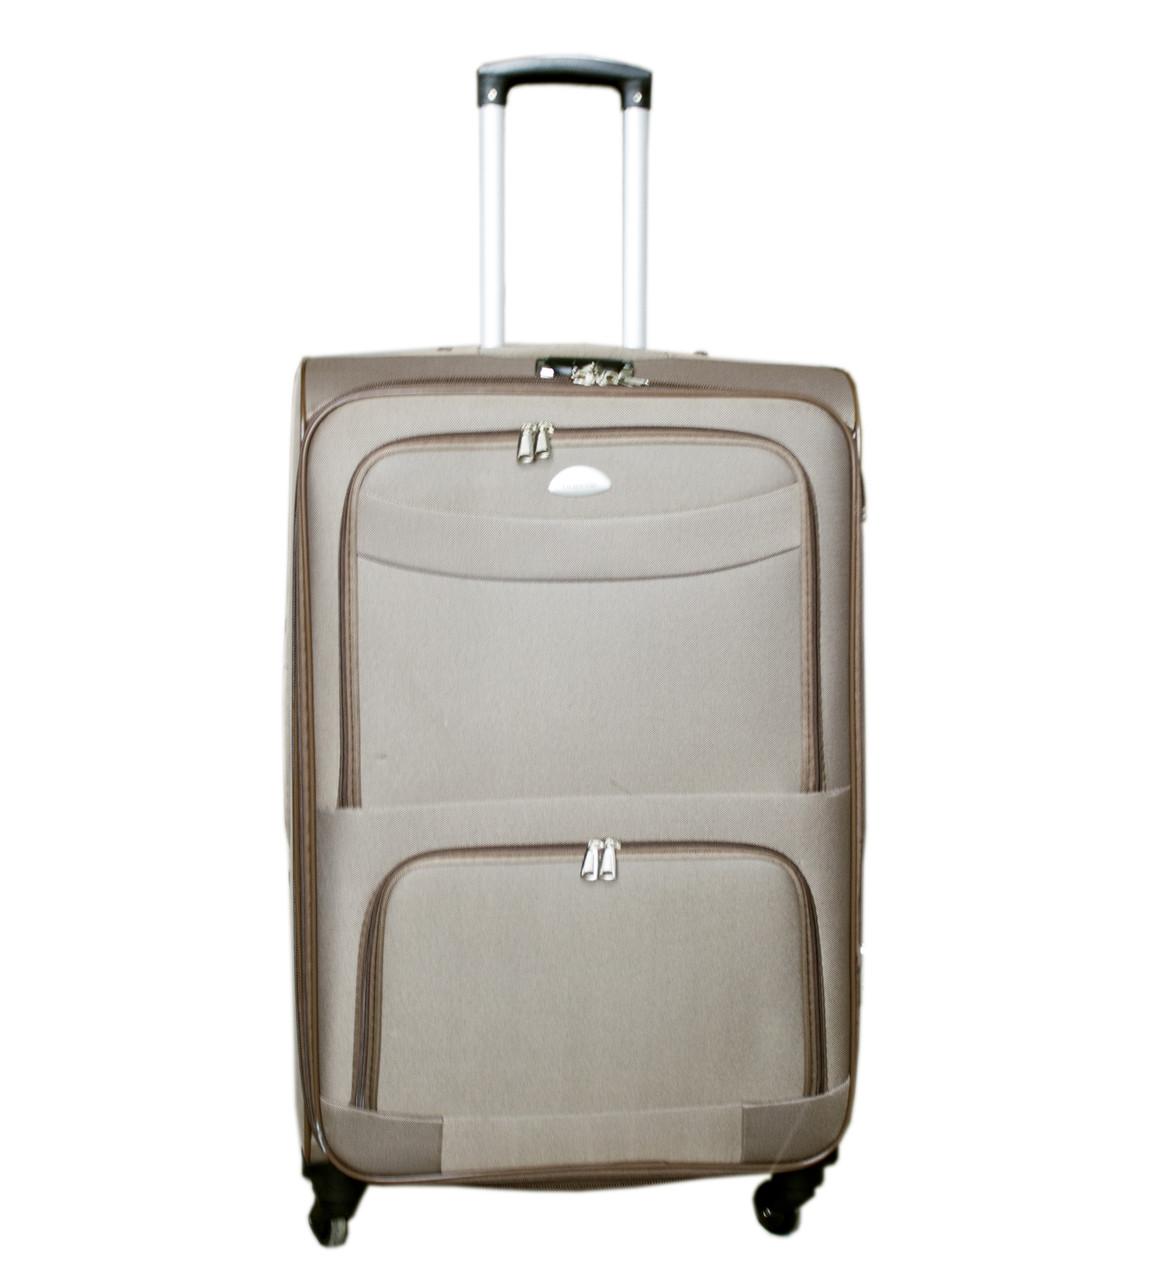 Дорожній чемодан 4 колеса (невеликий) пісочний, артикул: 6-240